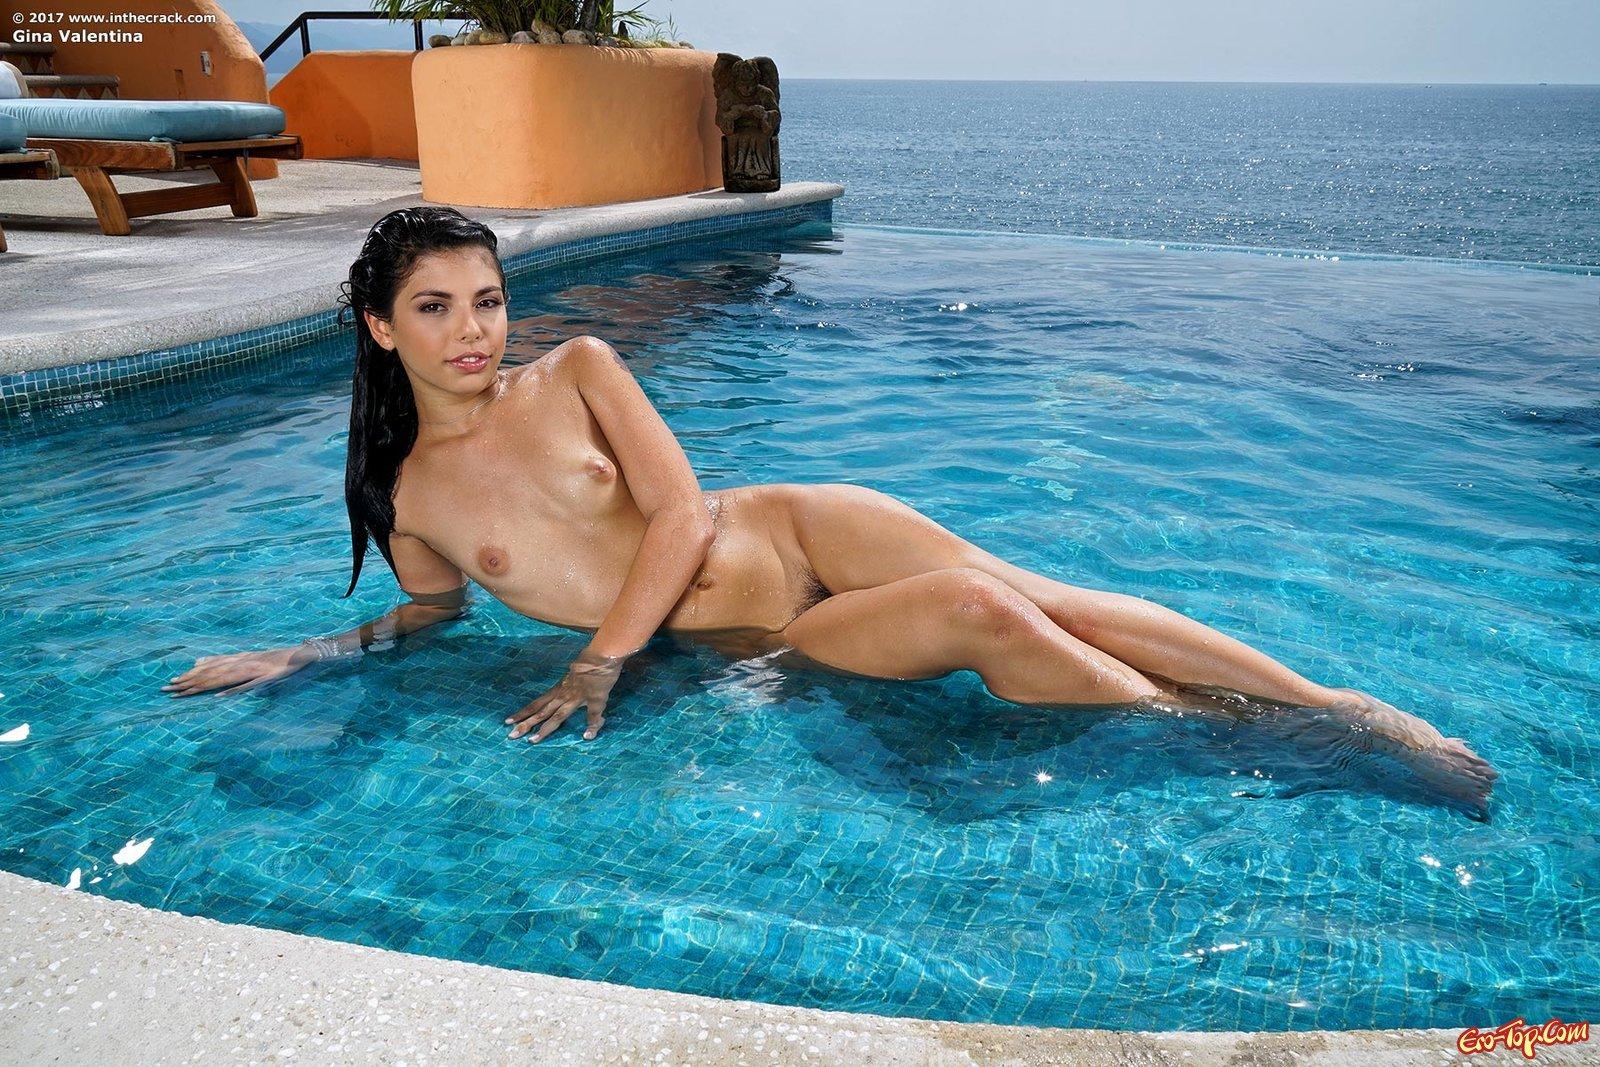 Голая русая порноактрисса с волосатым лобком в бассейне